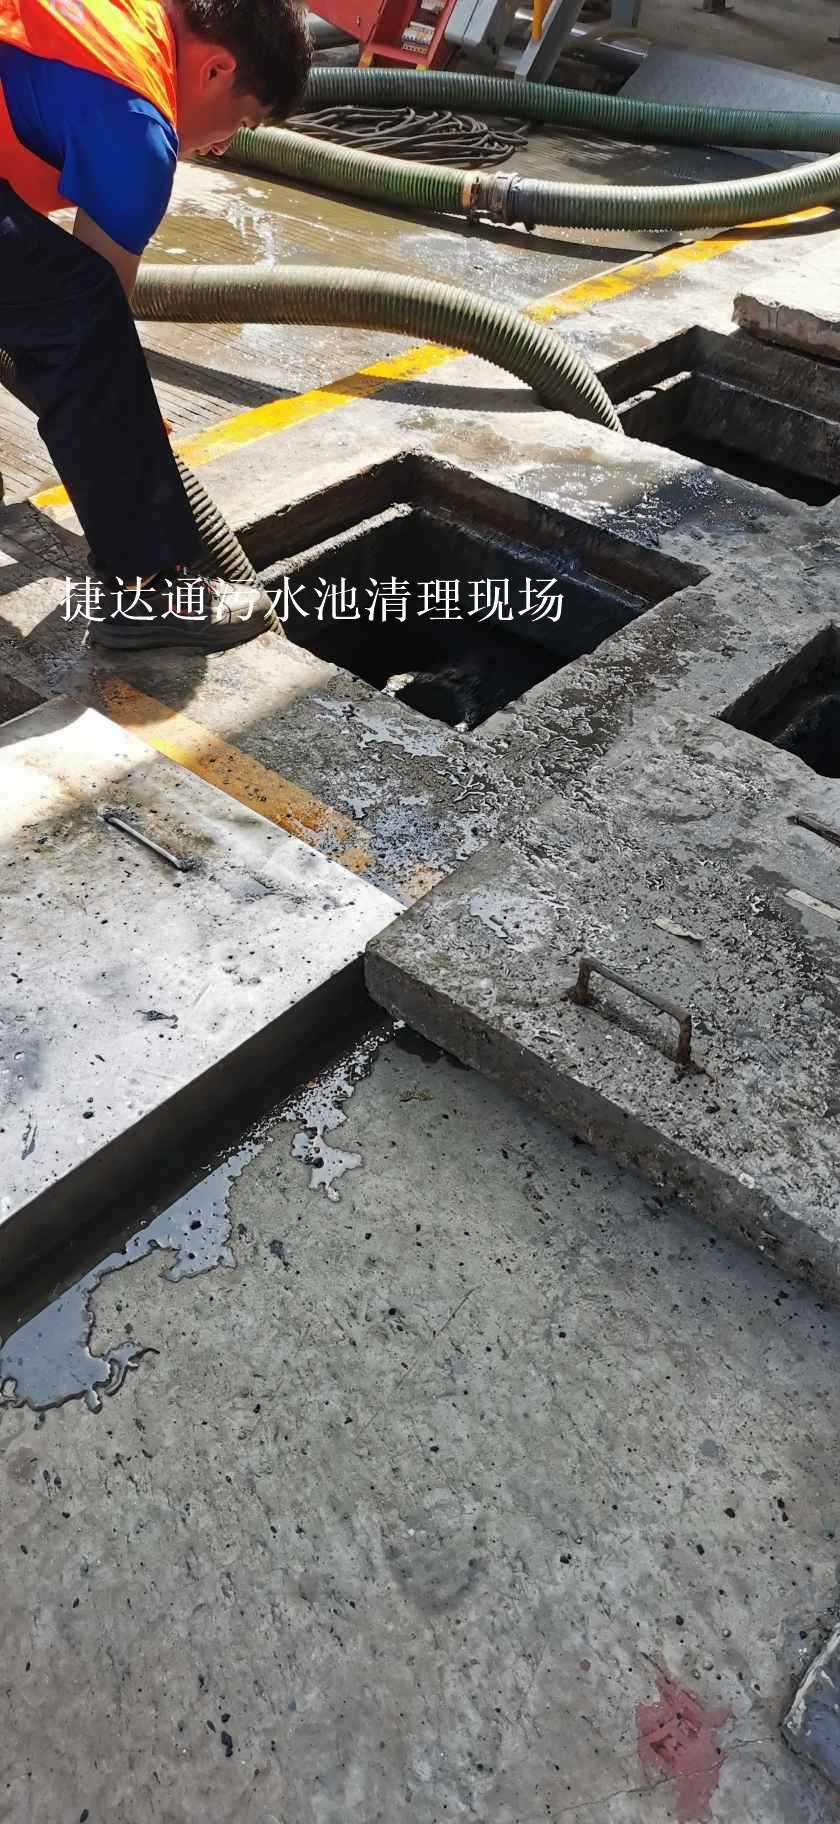 正规公司-衢州市集淤池清理方案及报价【捷达通】